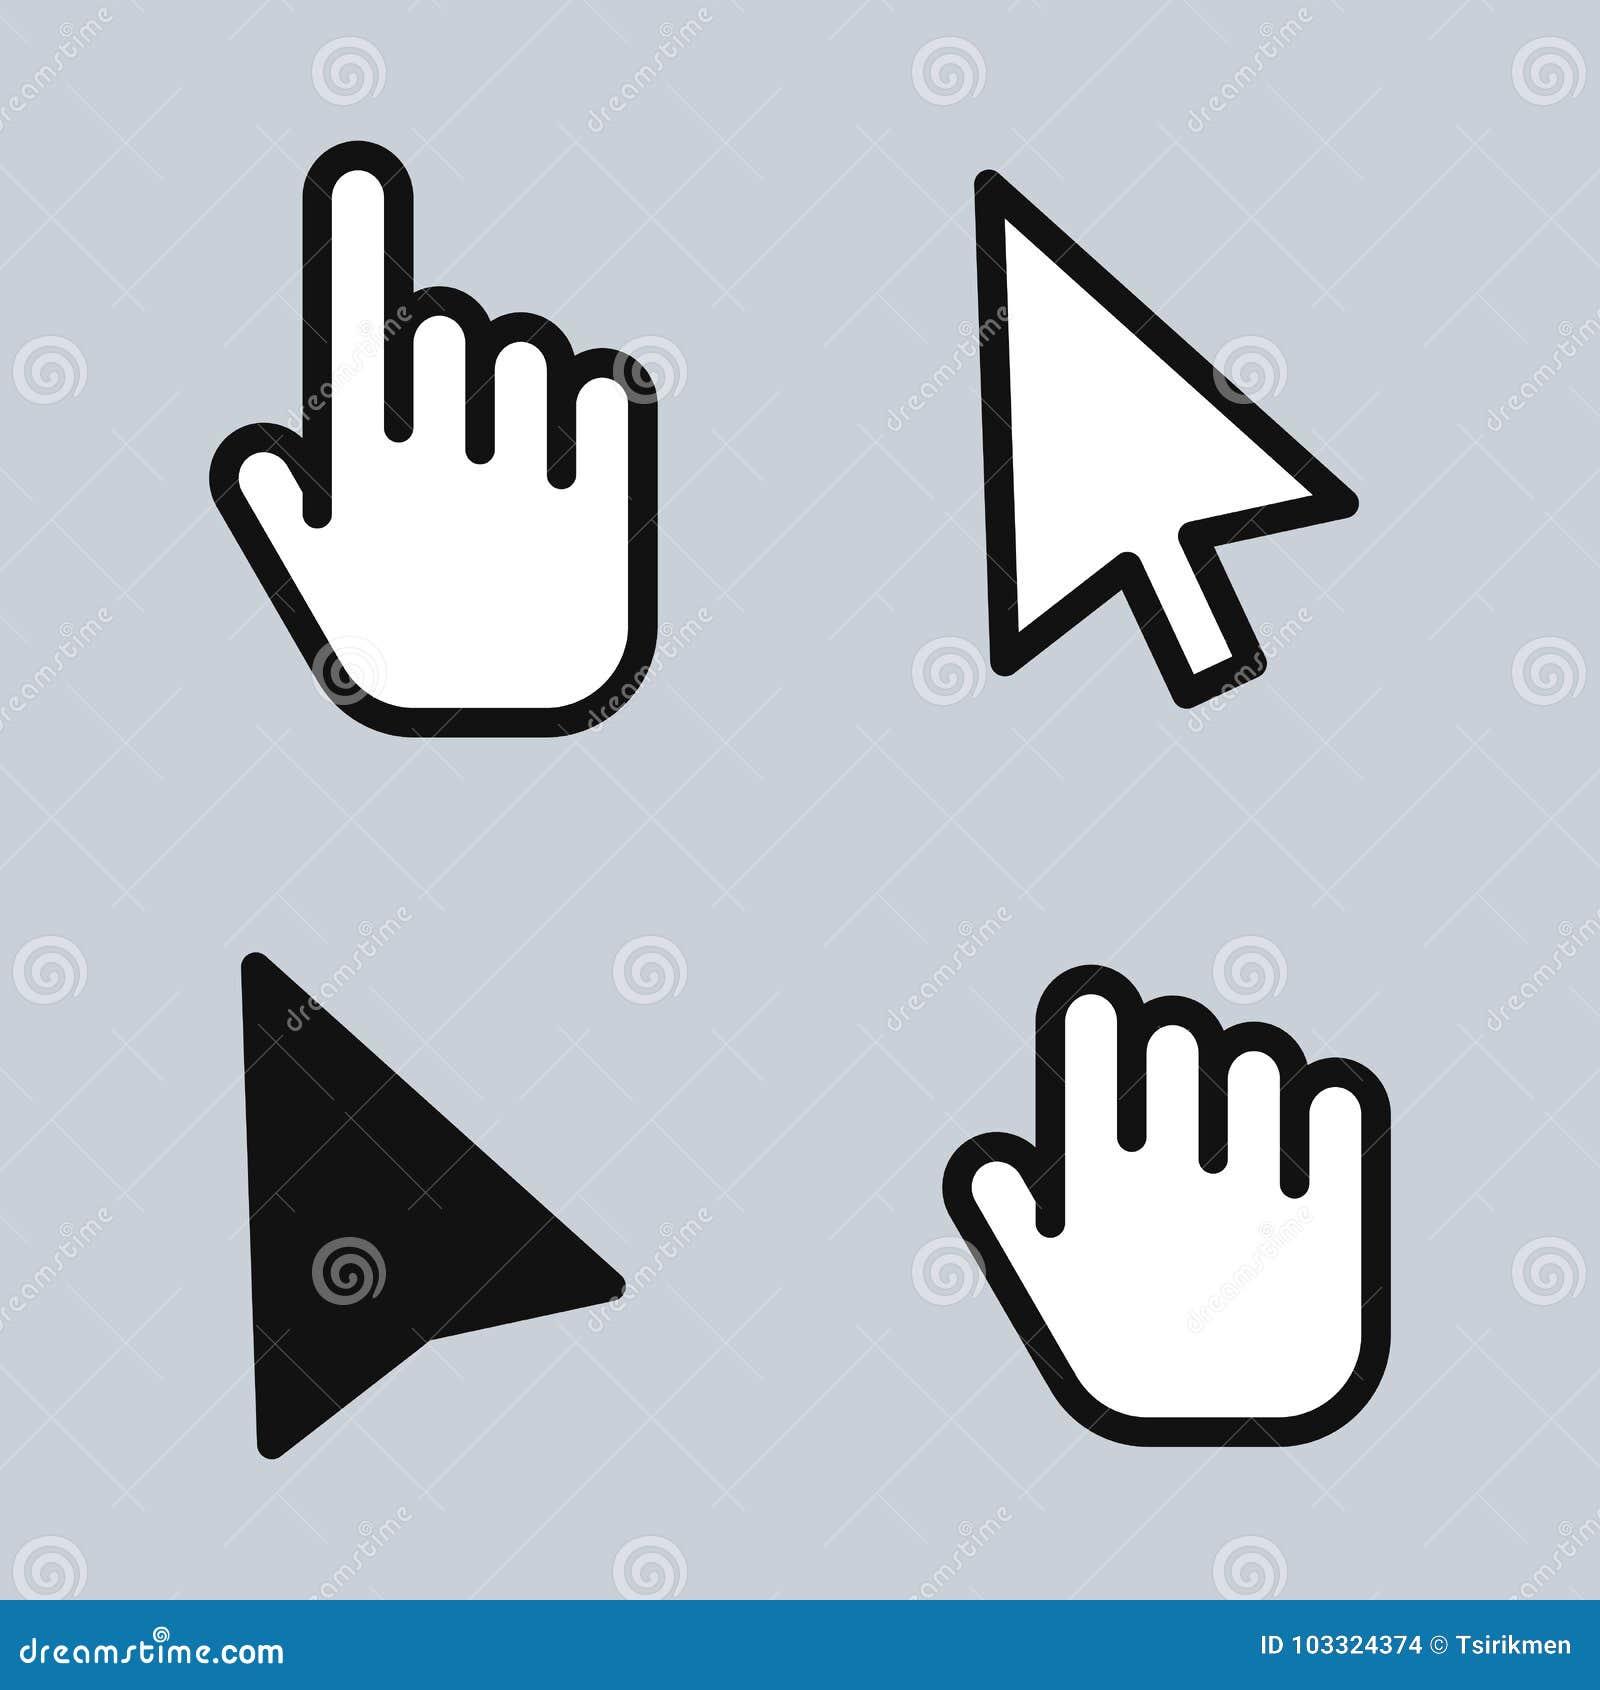 Mouse Cursor Arrow Hand